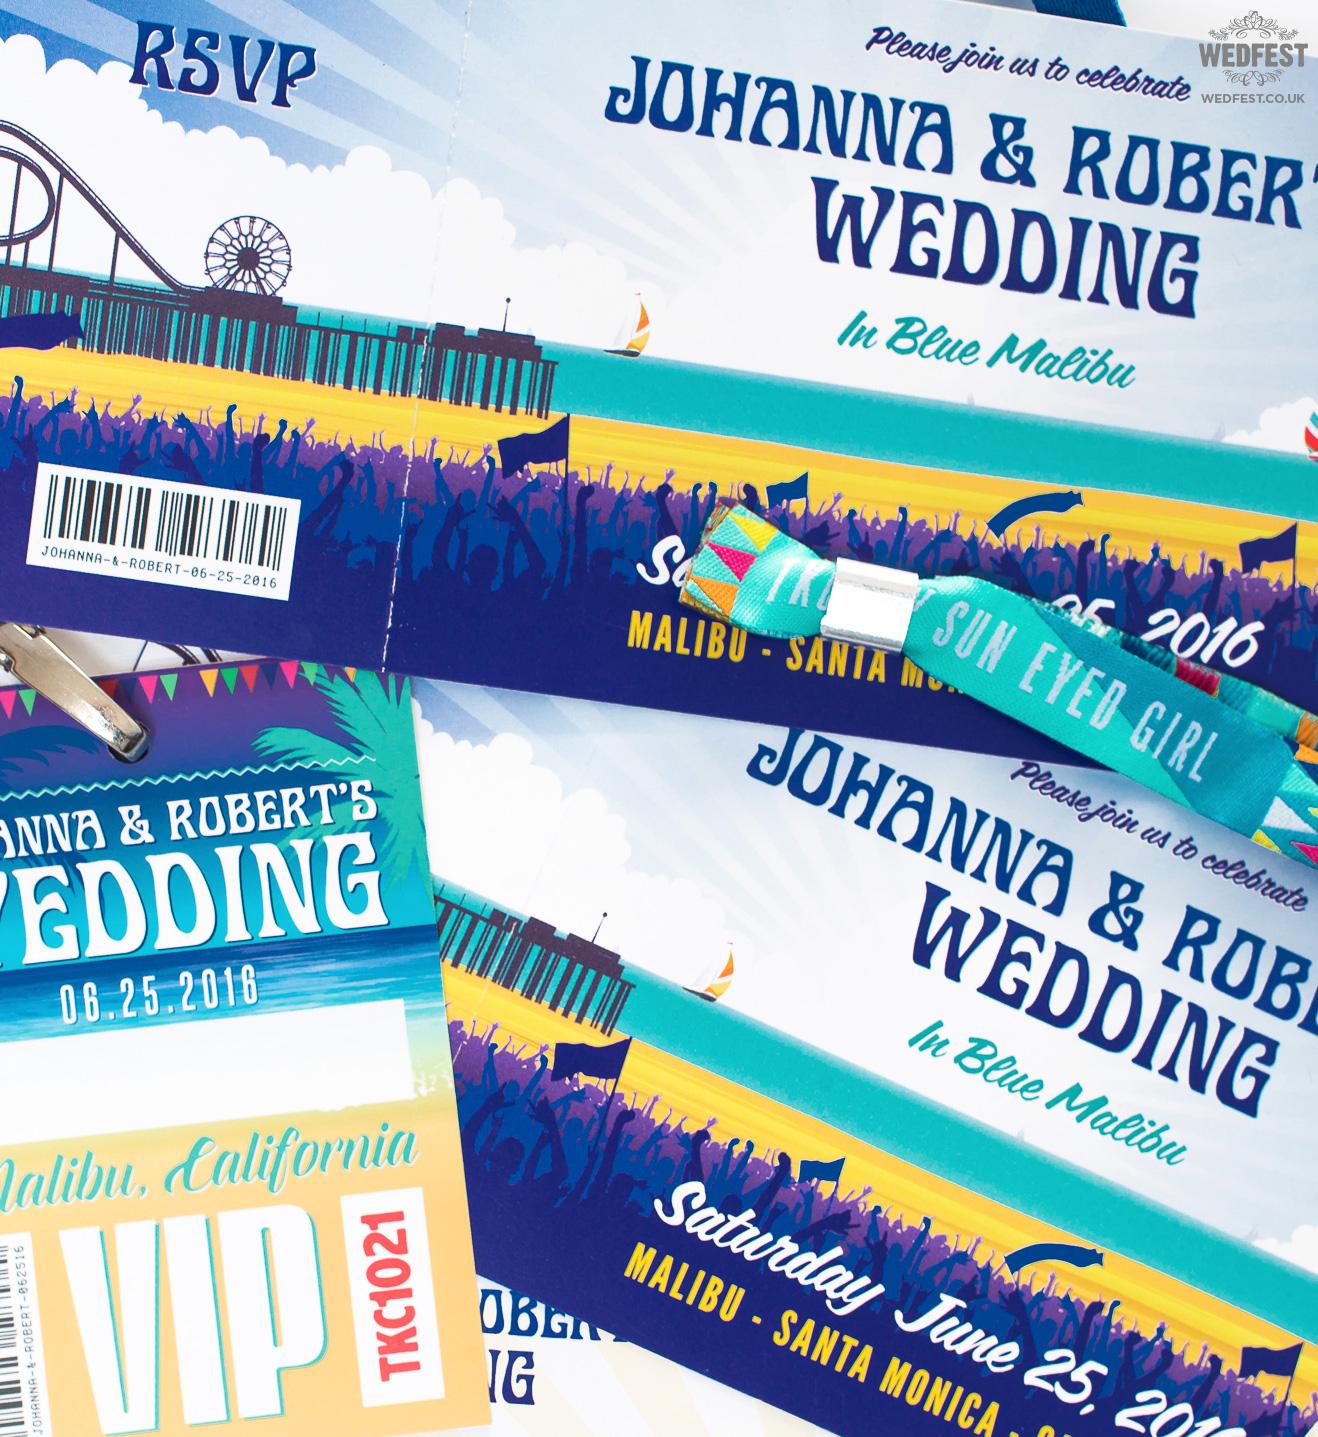 malibu california beach pier wedding invitation wedfest